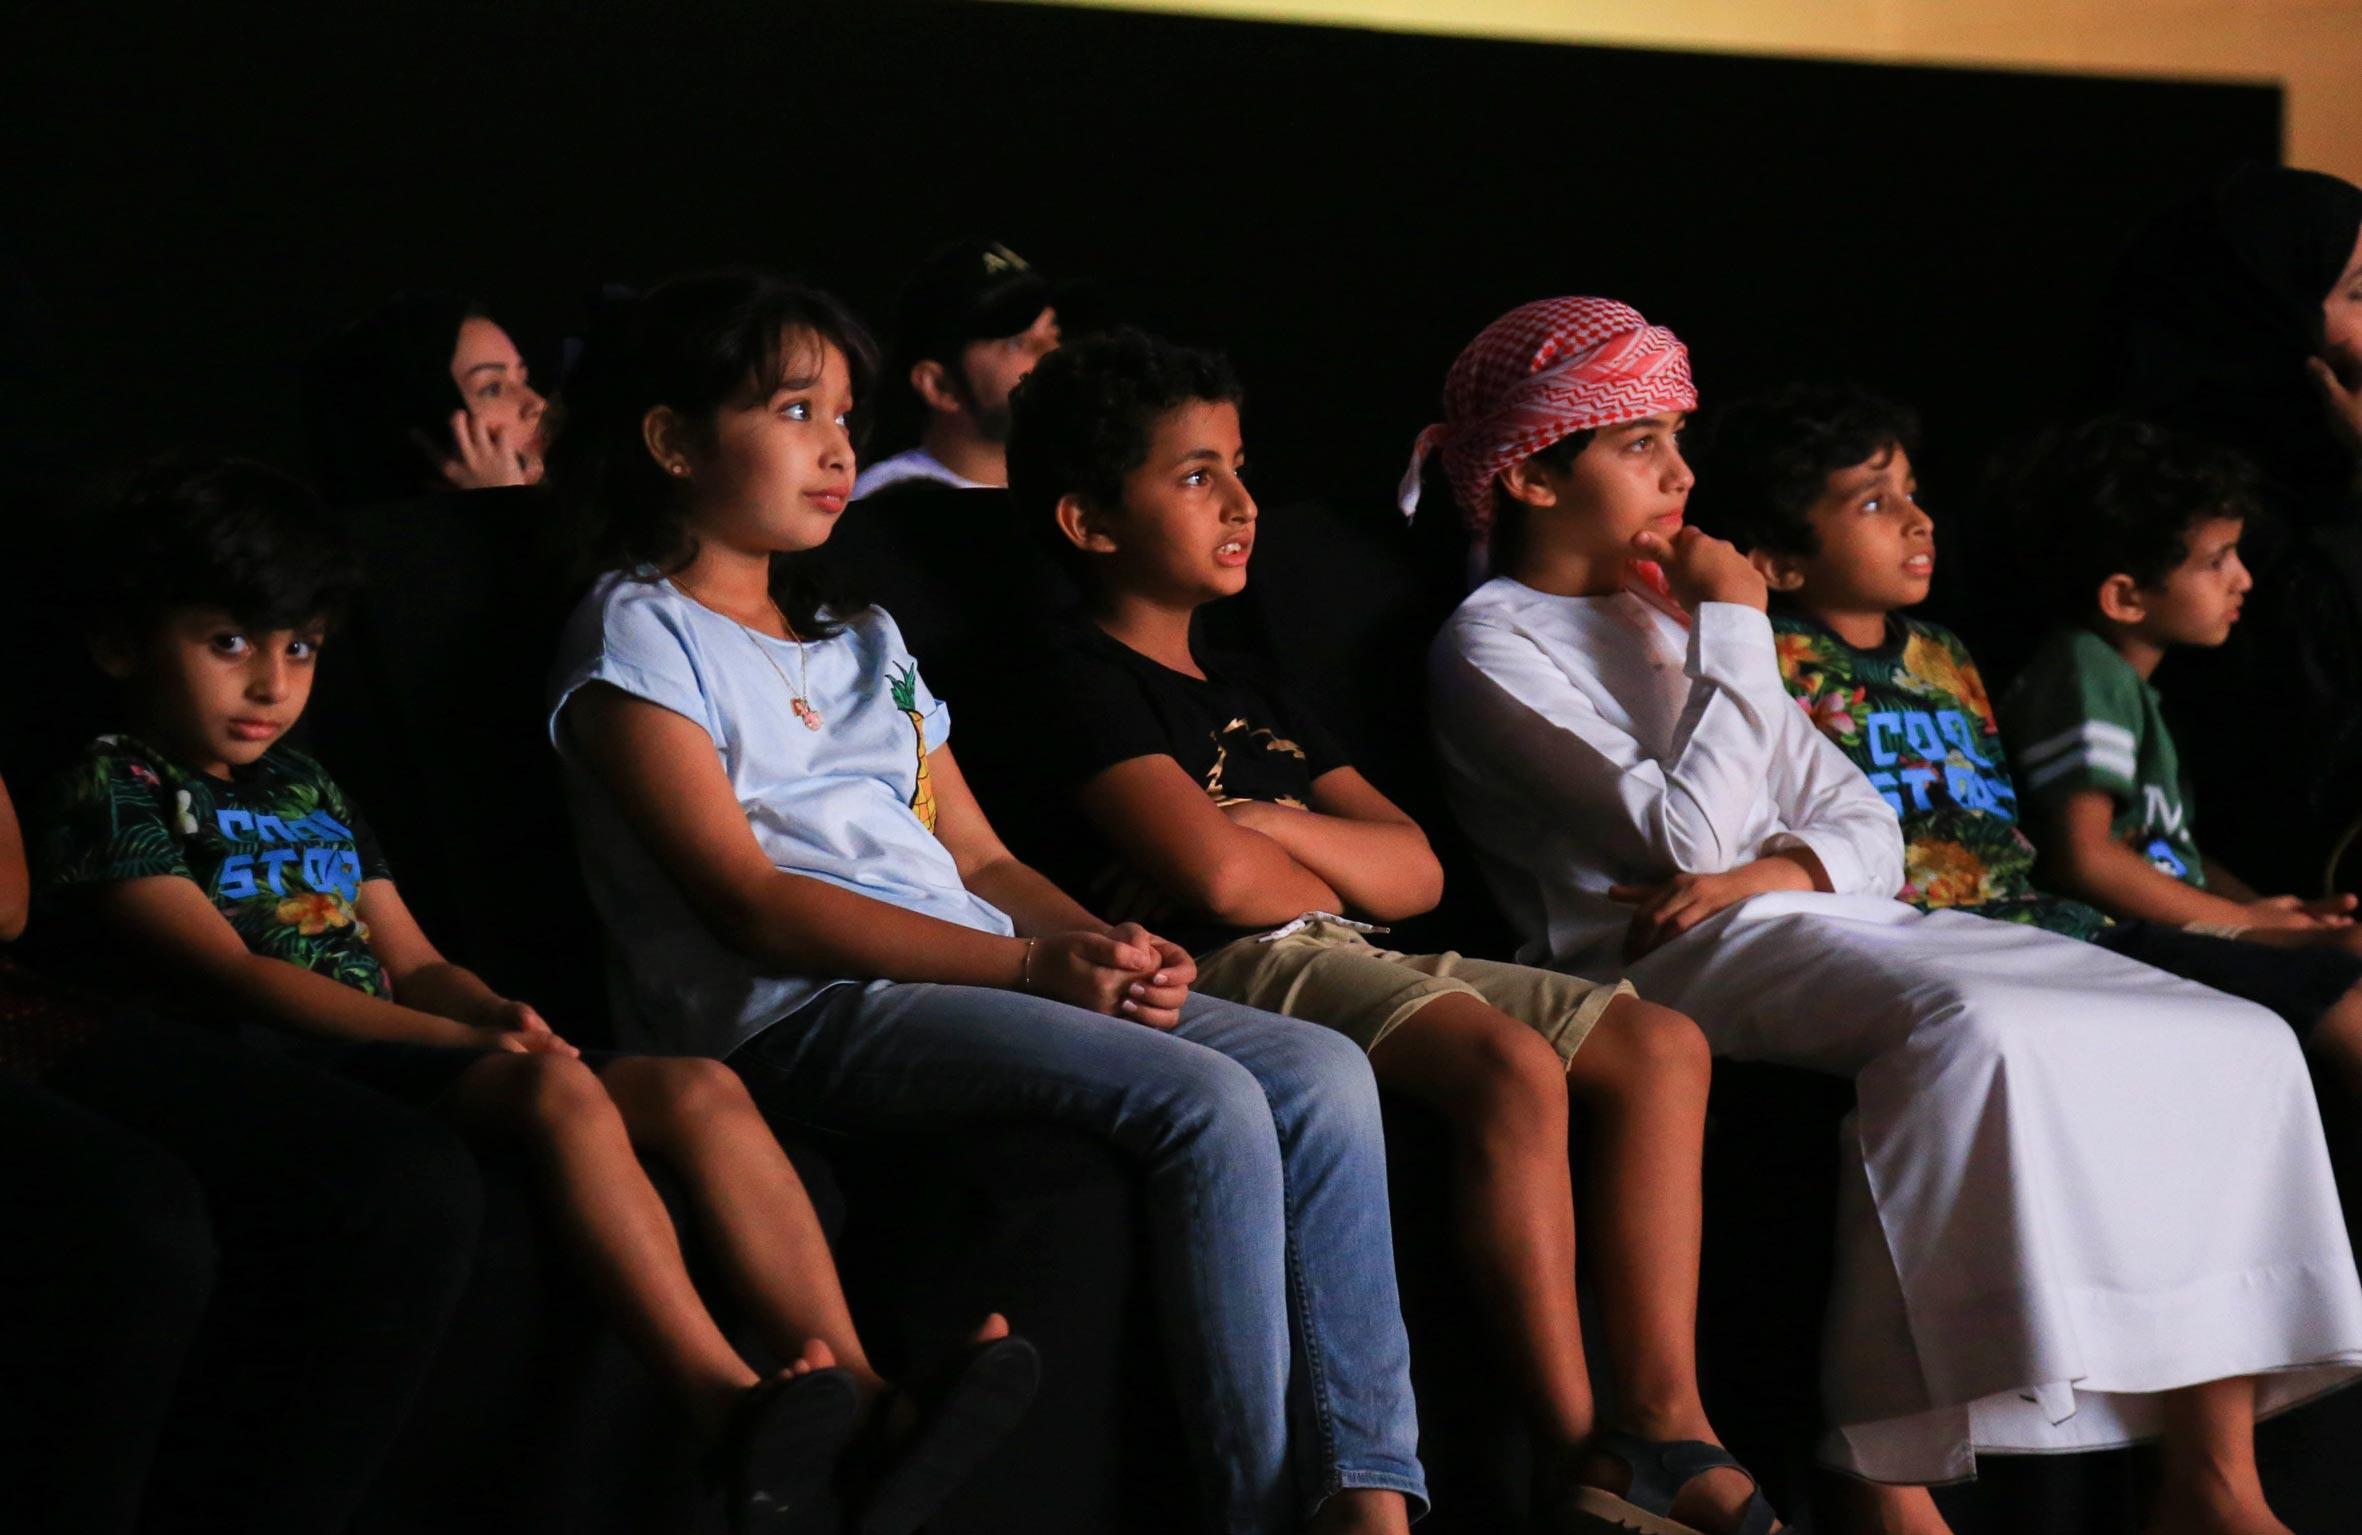 الشارقة السينمائي للطفل يسلط الضوء على قضايا الأطفال اللاجئين